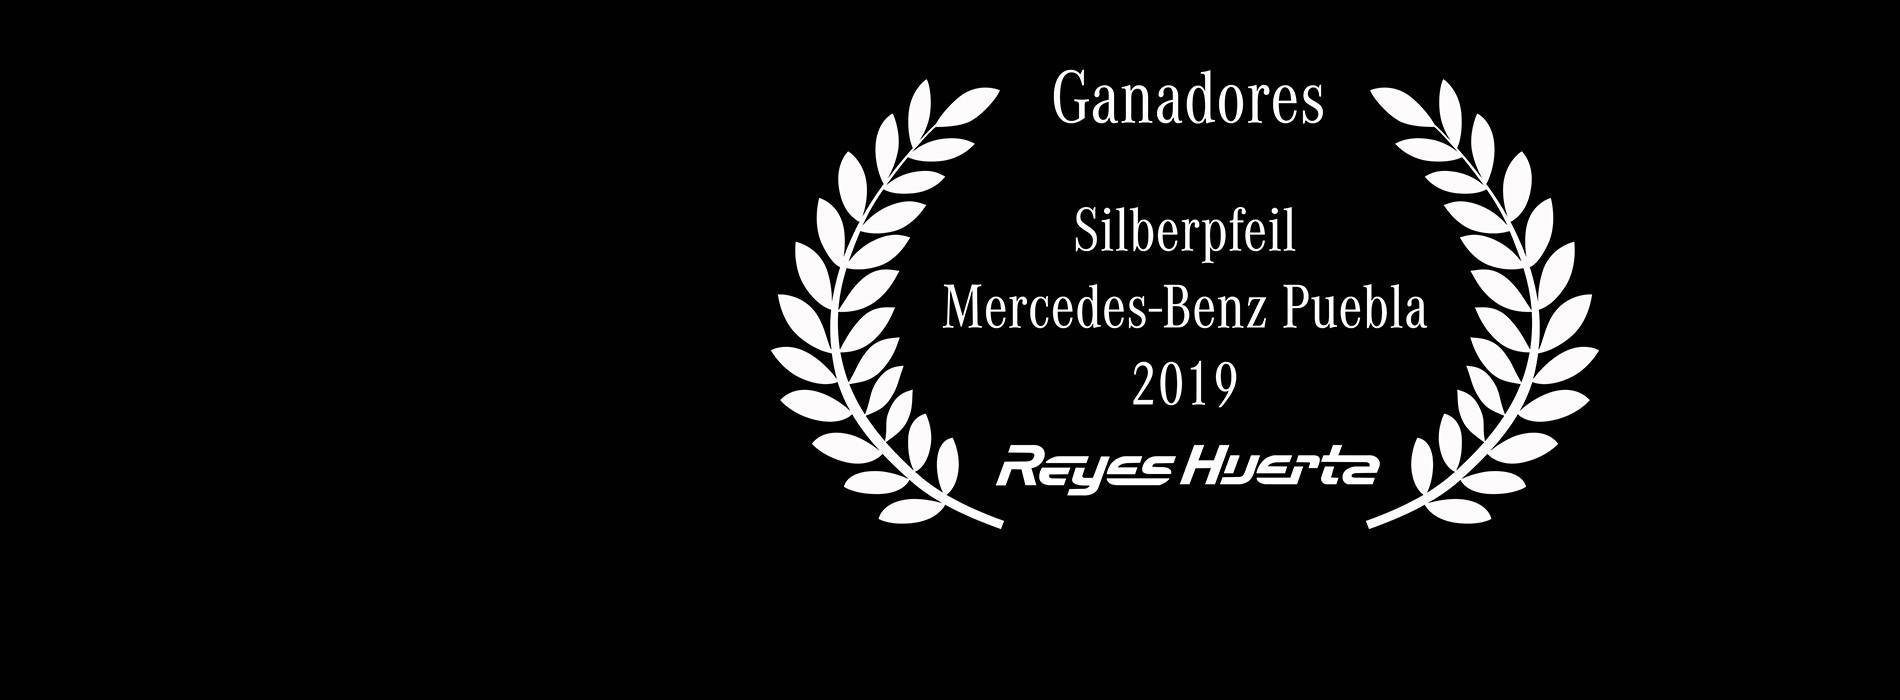 Mercedes-Benz Puebla